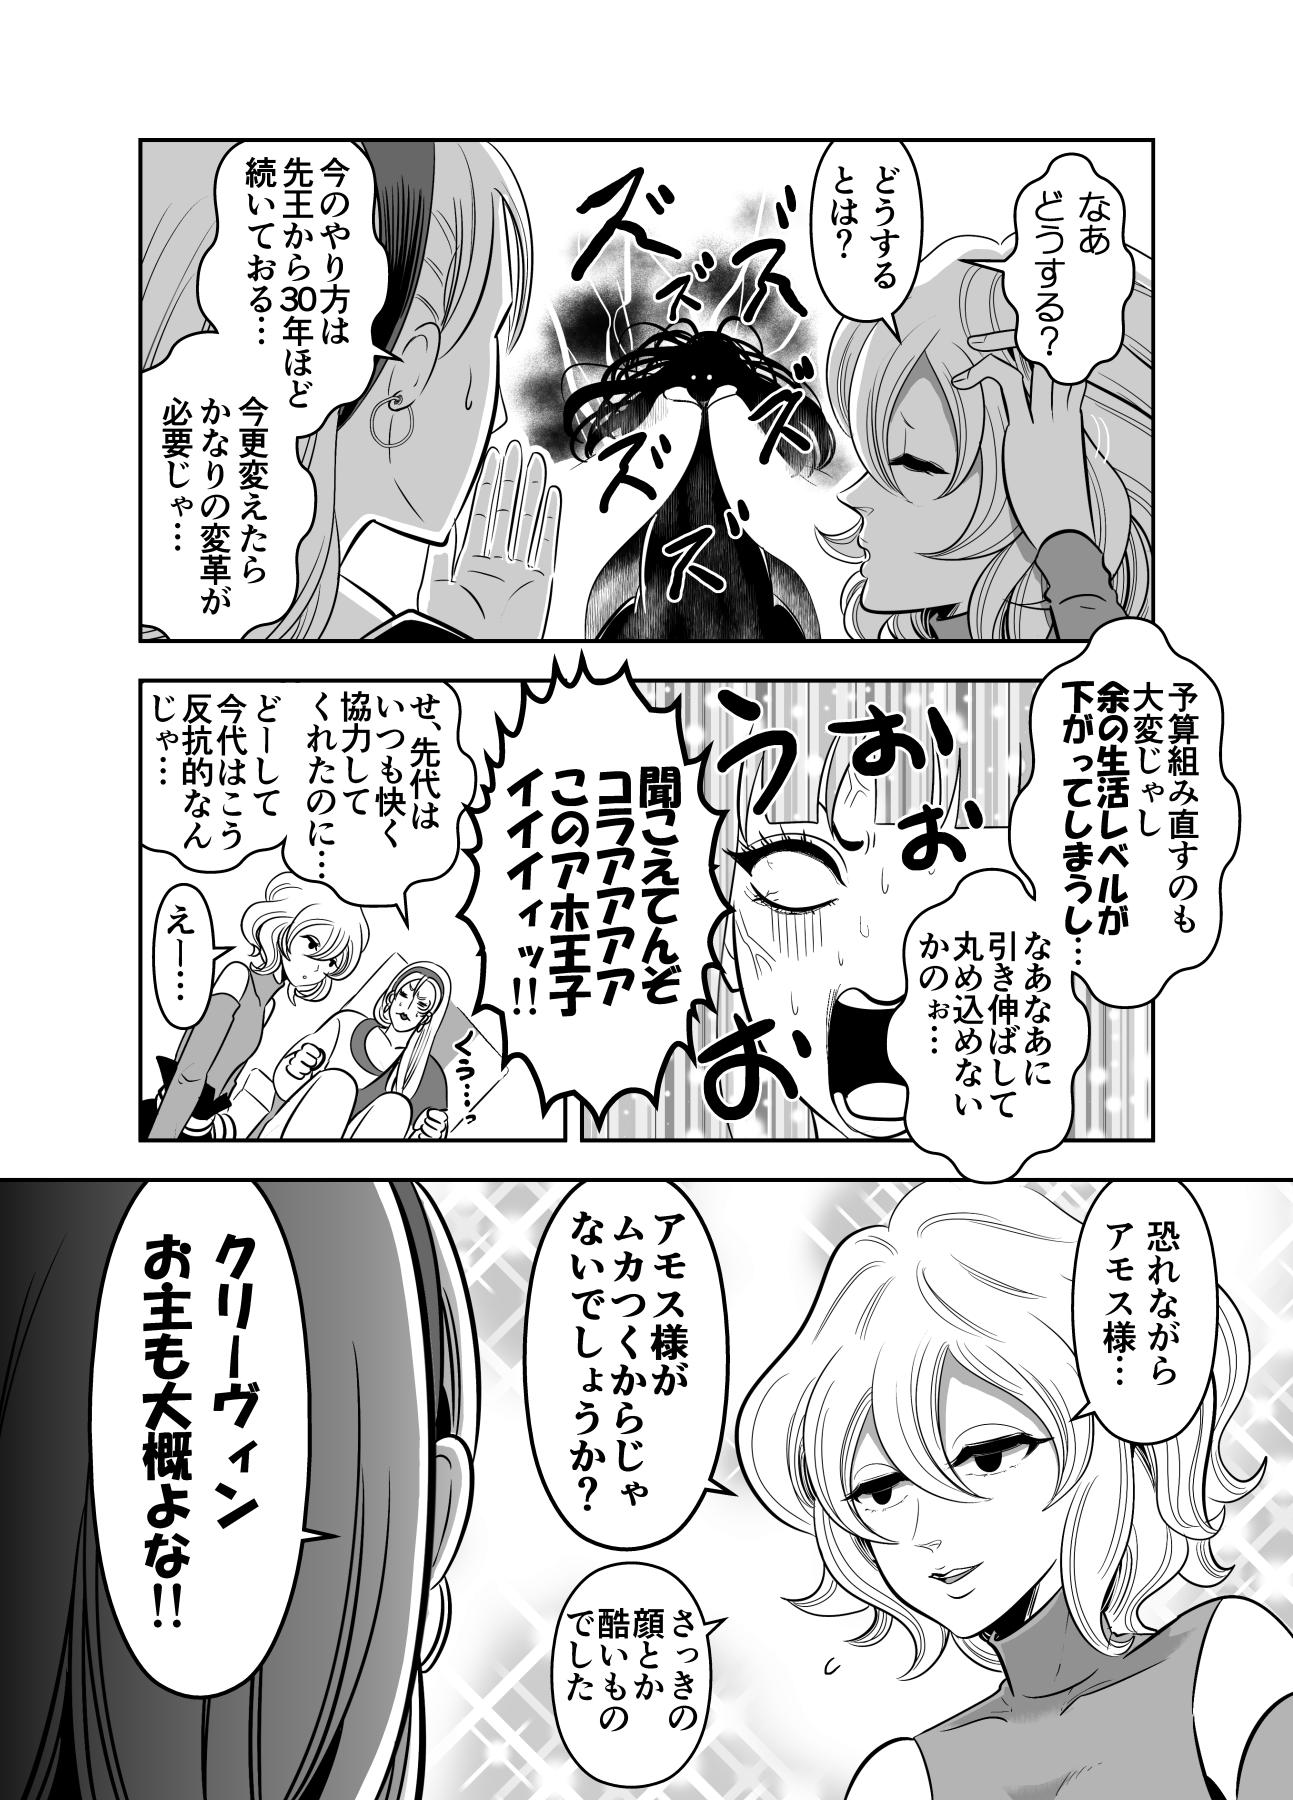 ヤサグレ魔女と第1王子と吸血鬼①0011